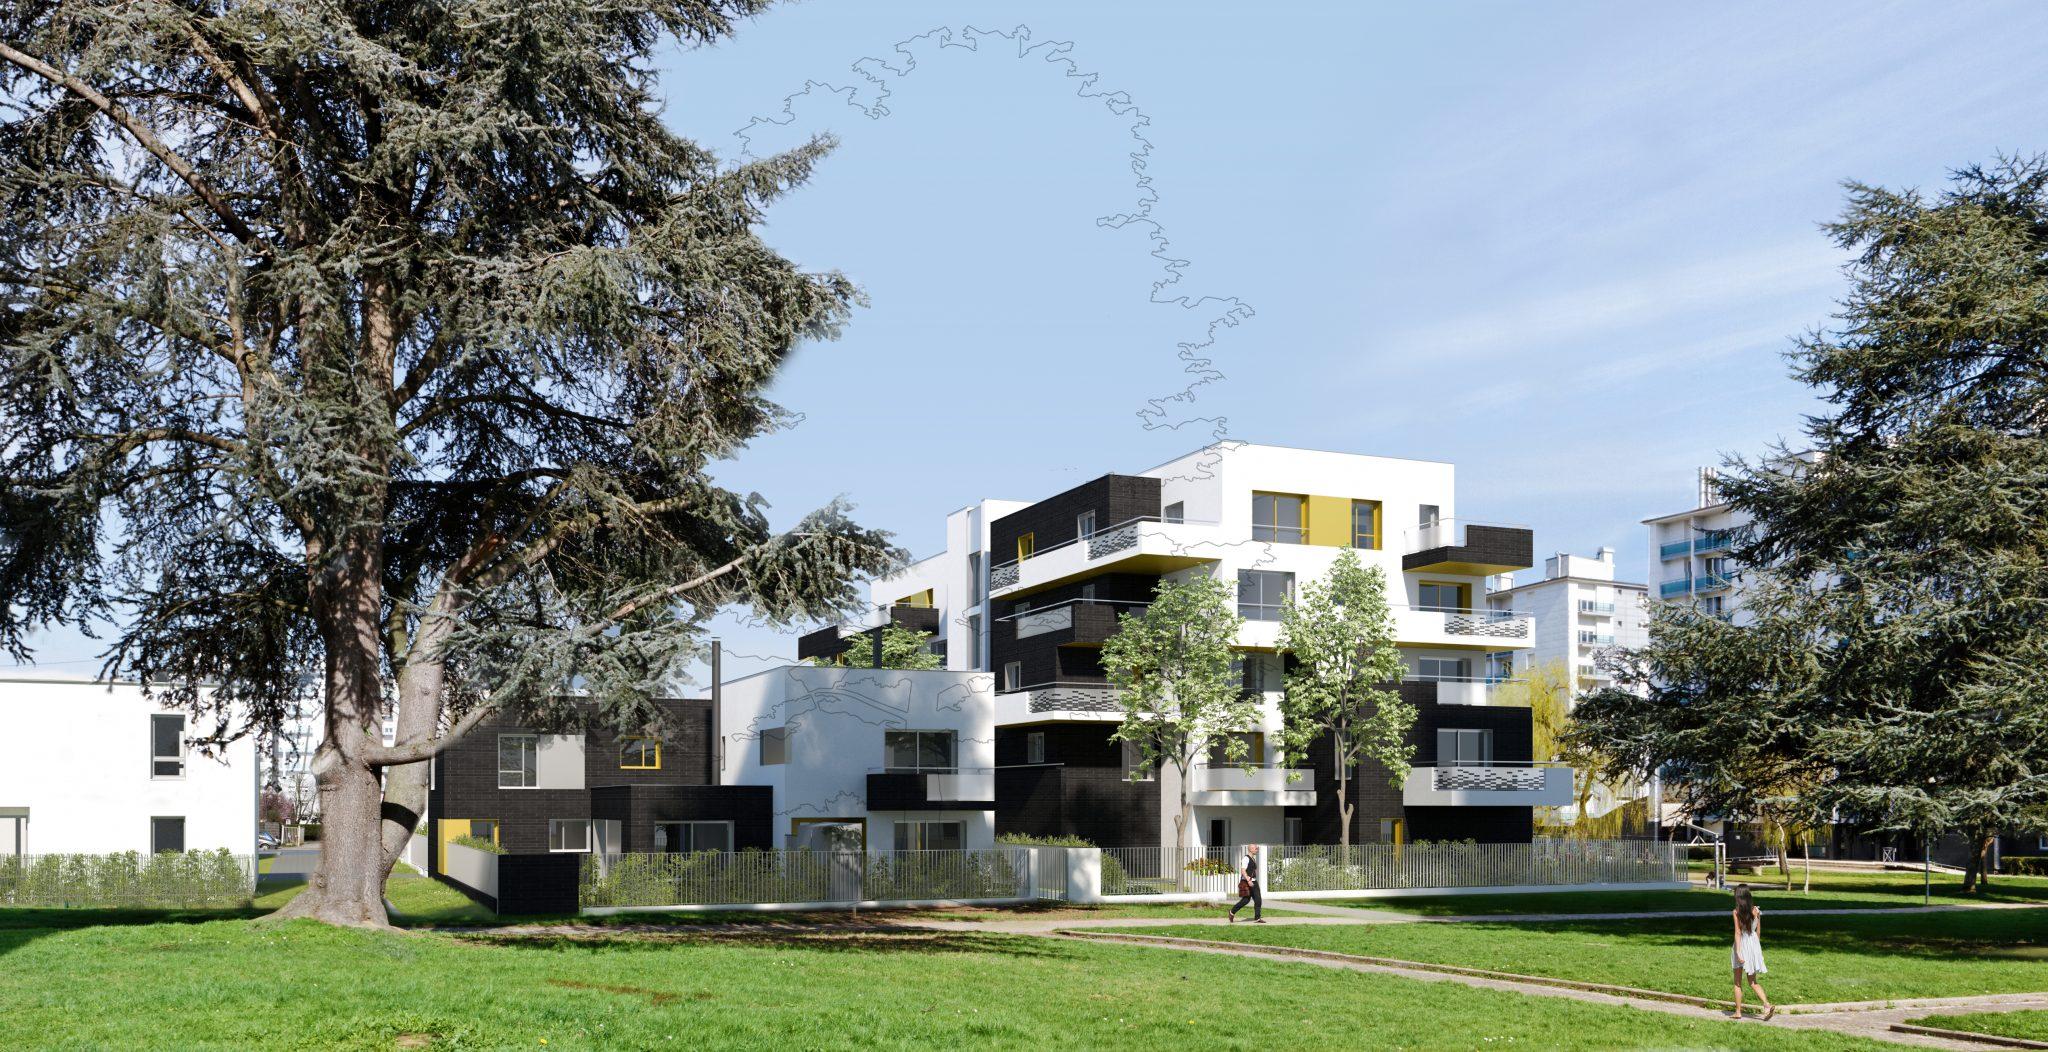 Logement collectif maisons de ville ZAC Maurepas Gayeulles Rennes sud